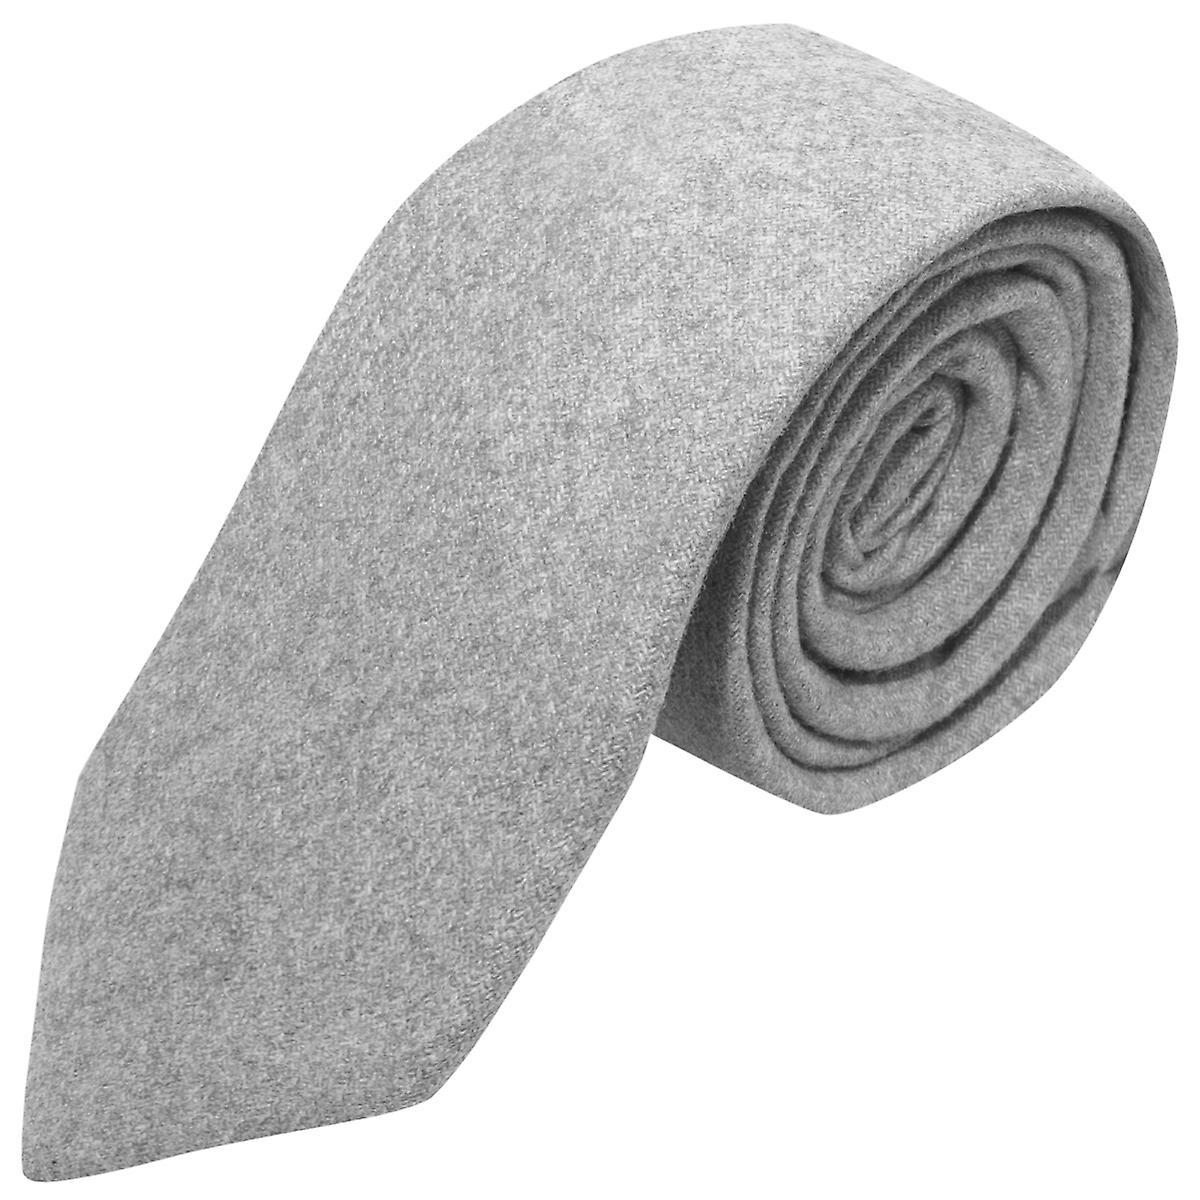 Stonewashed Medium Grey Tie, Necktie